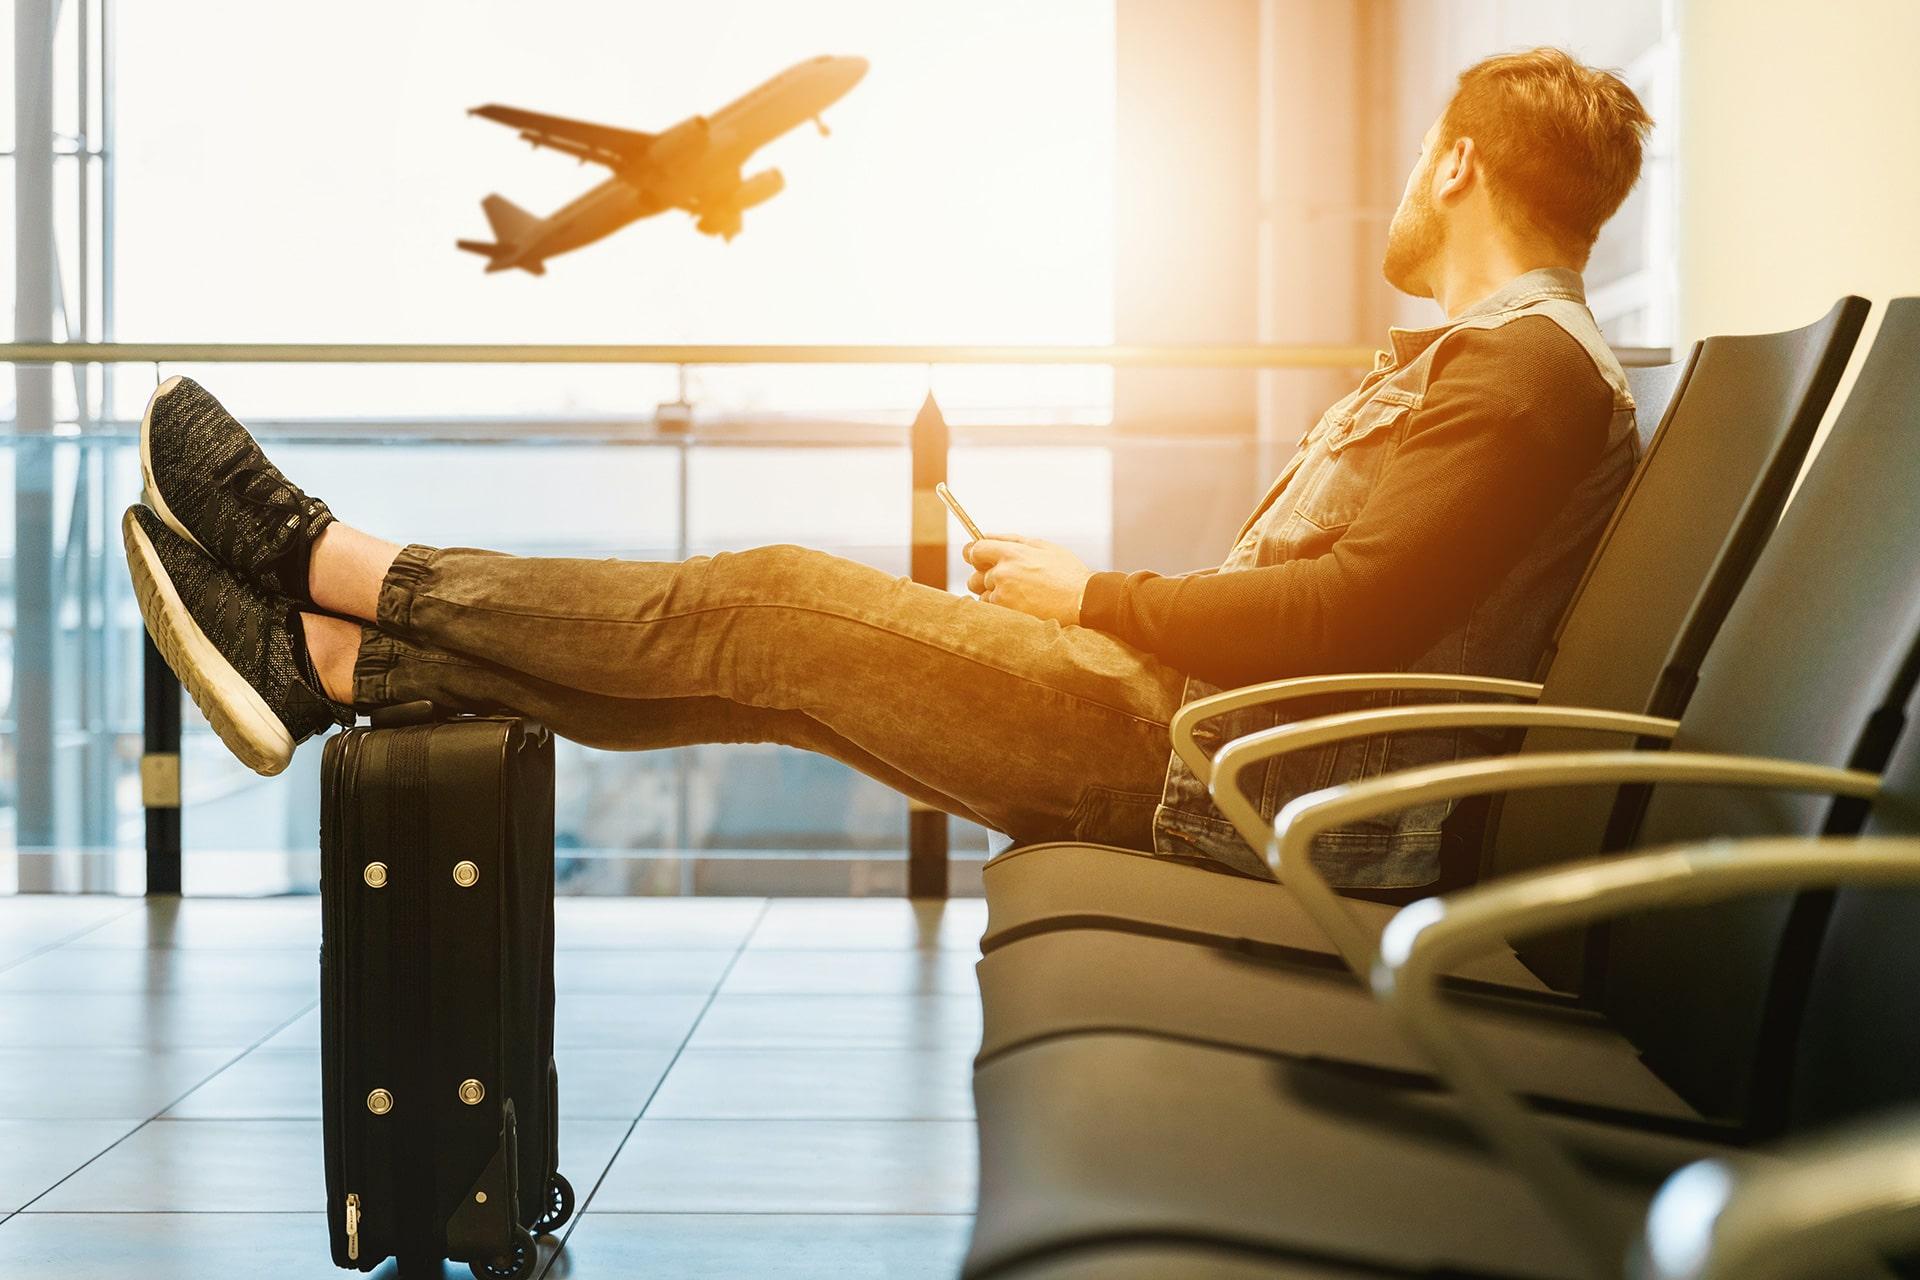 Man waiting at airport watching plane take off